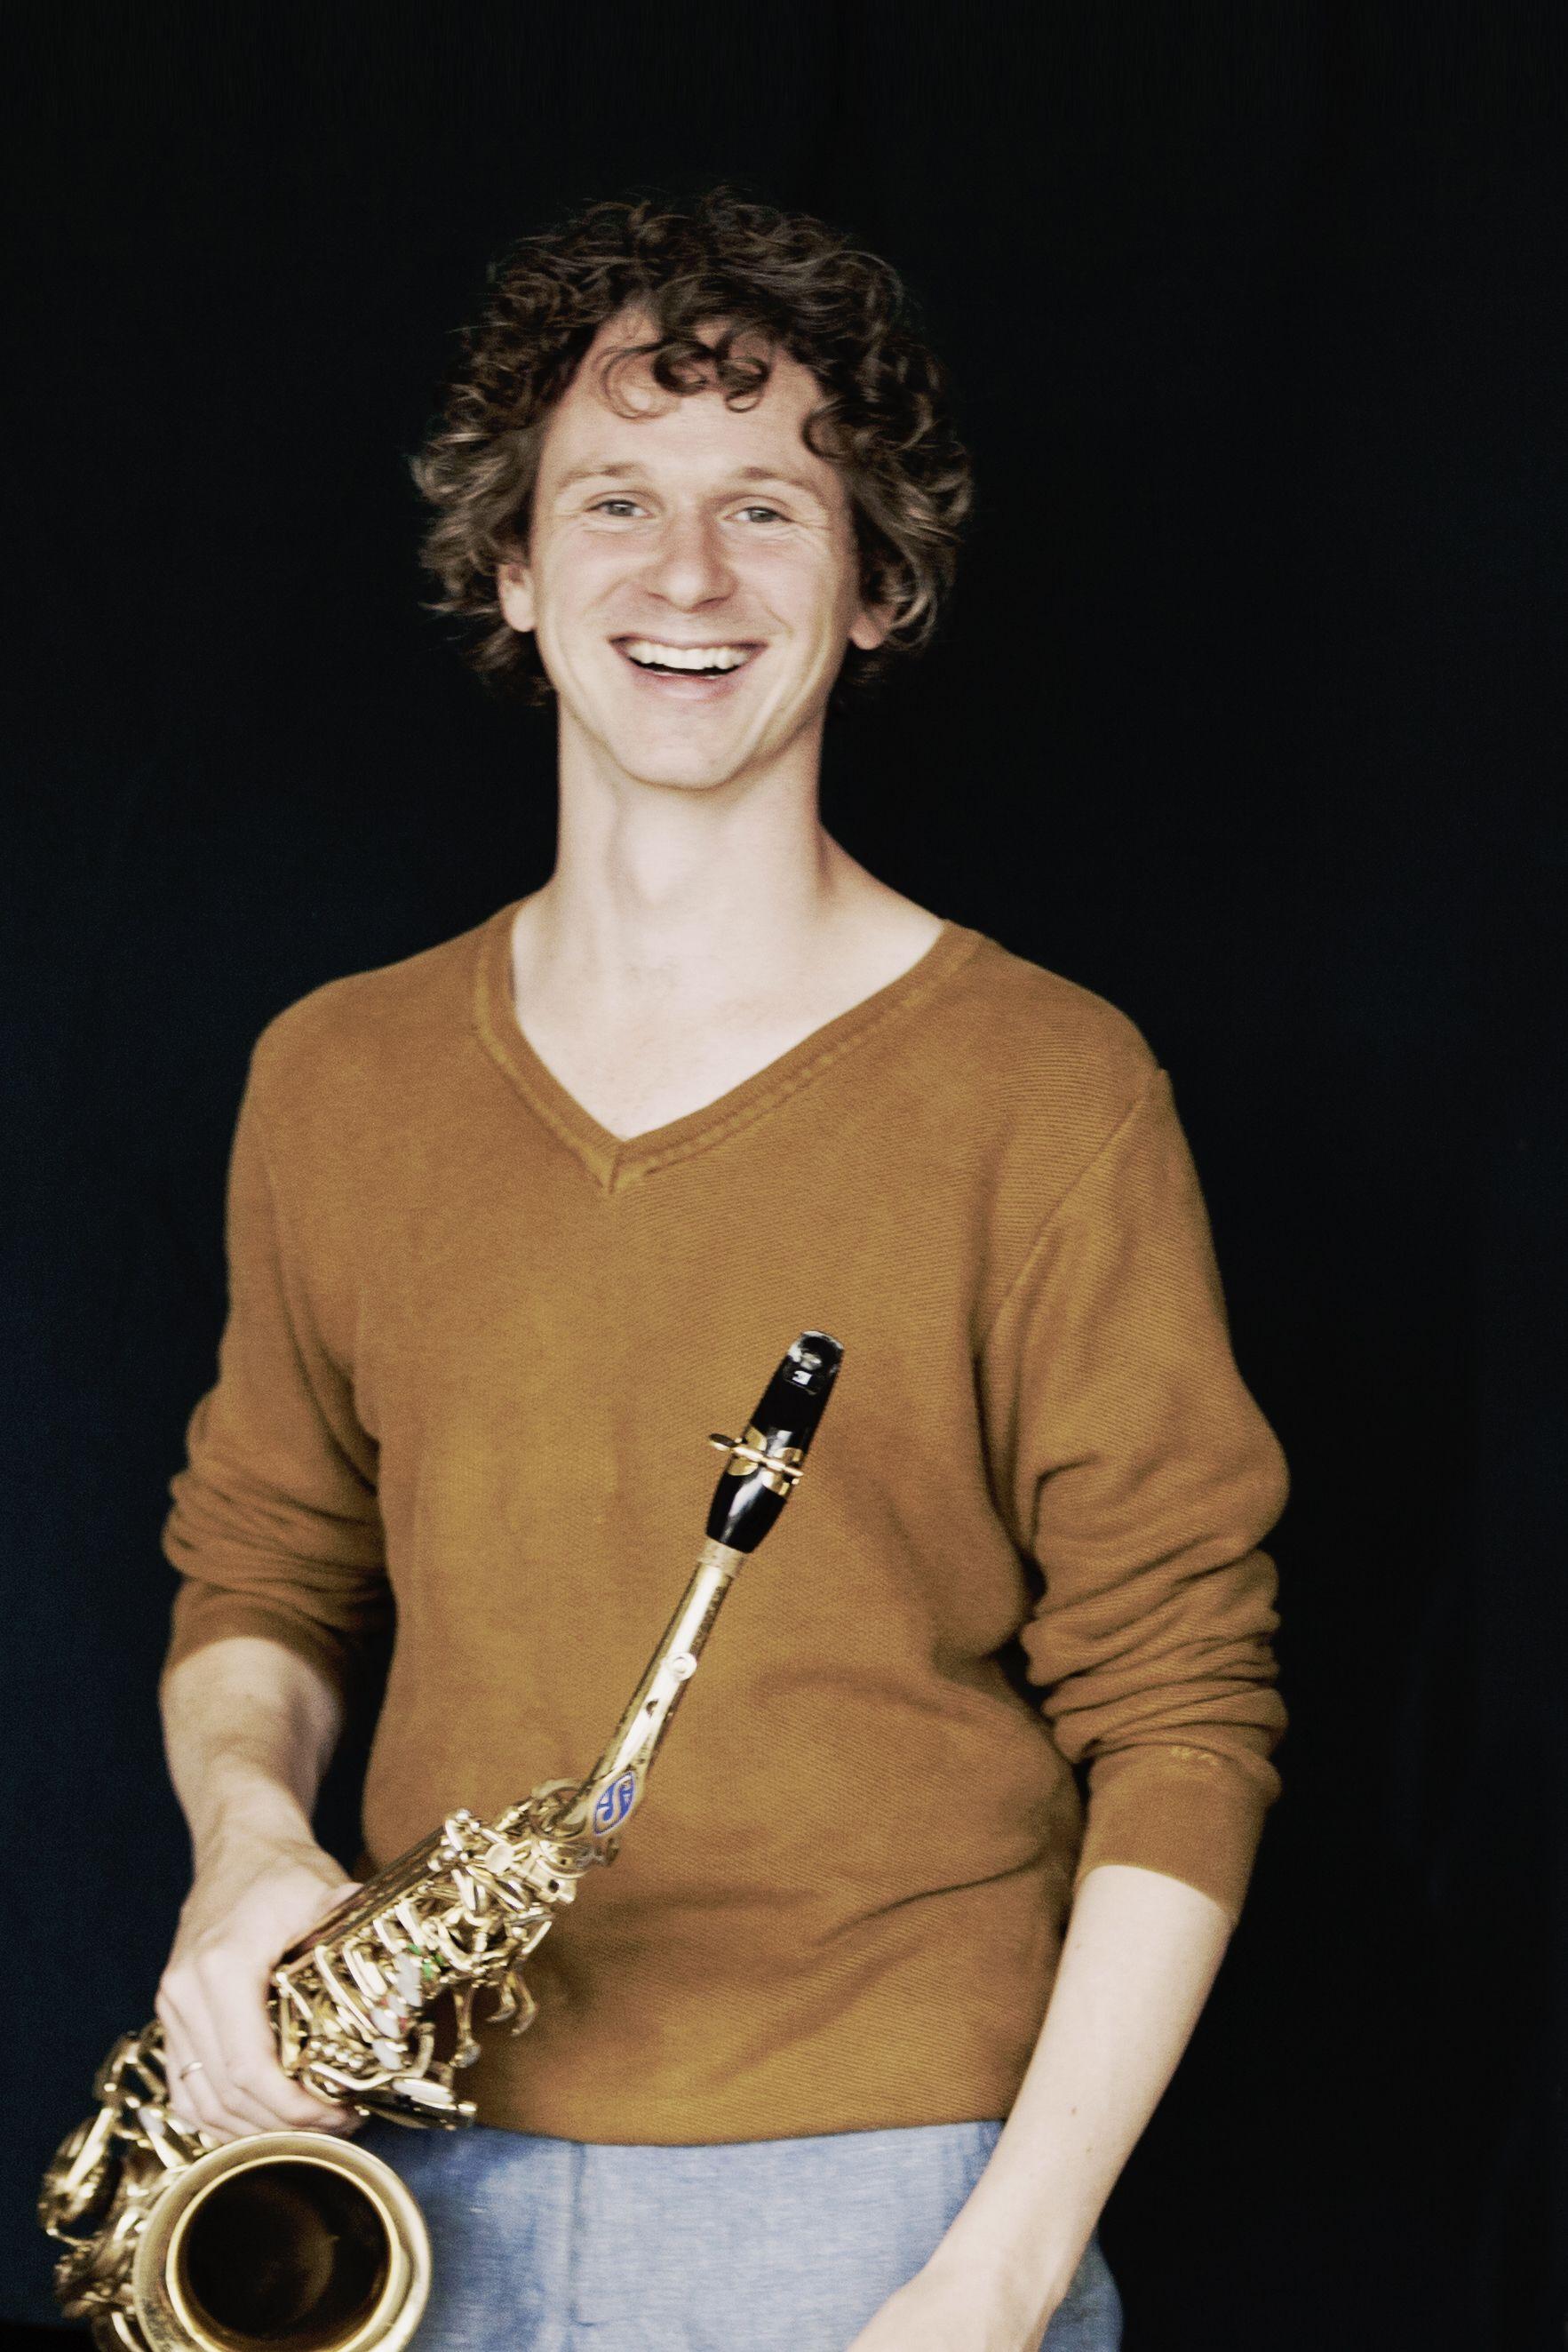 Peter Vigh